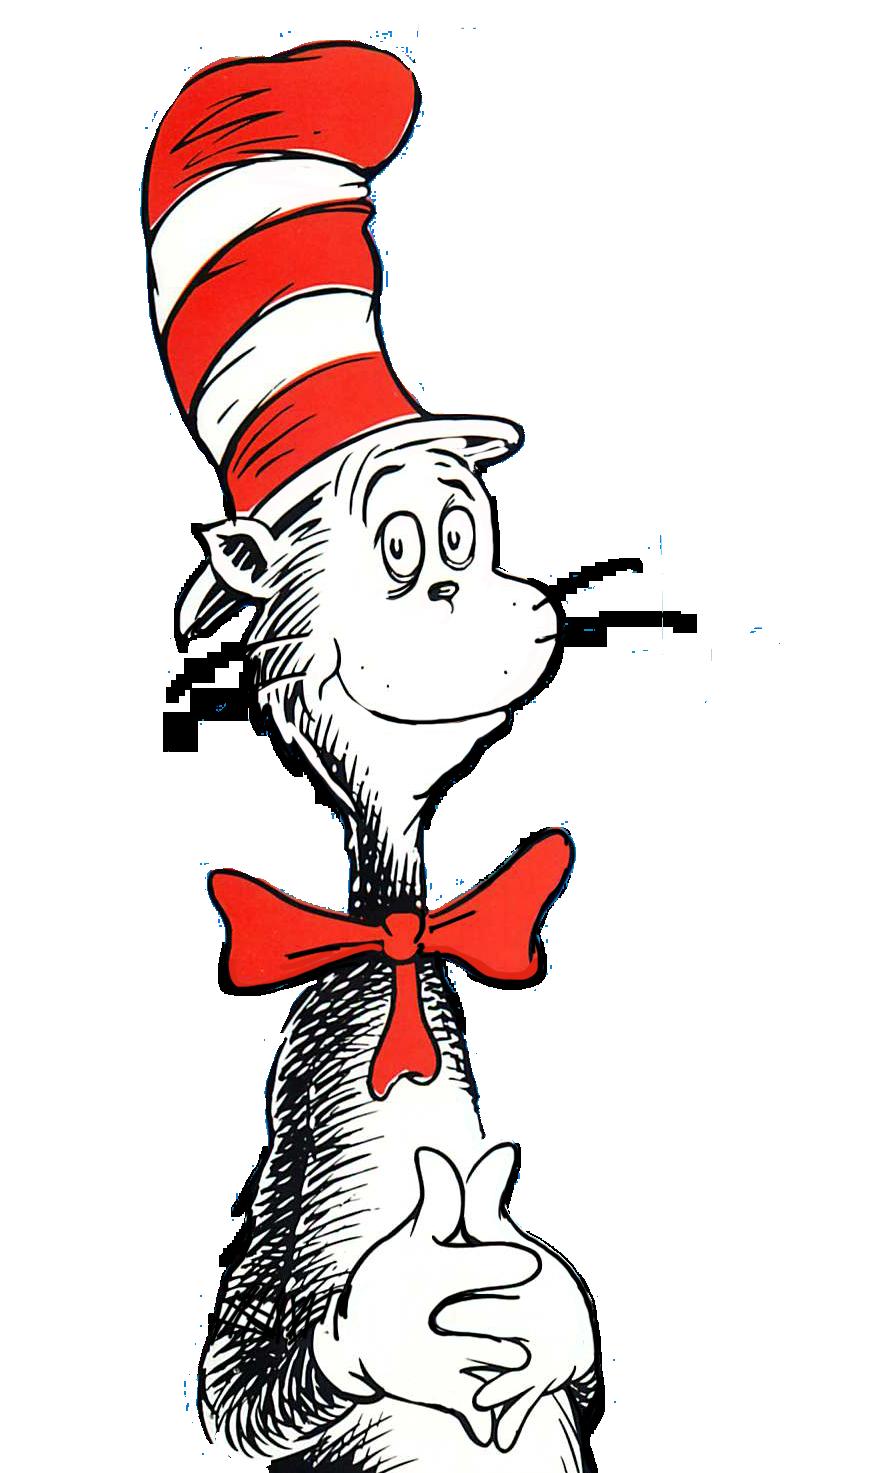 Free coloring pages dr seuss - Dr Seuss Color Pages Dr Seuss Clipart Verrickbleeper